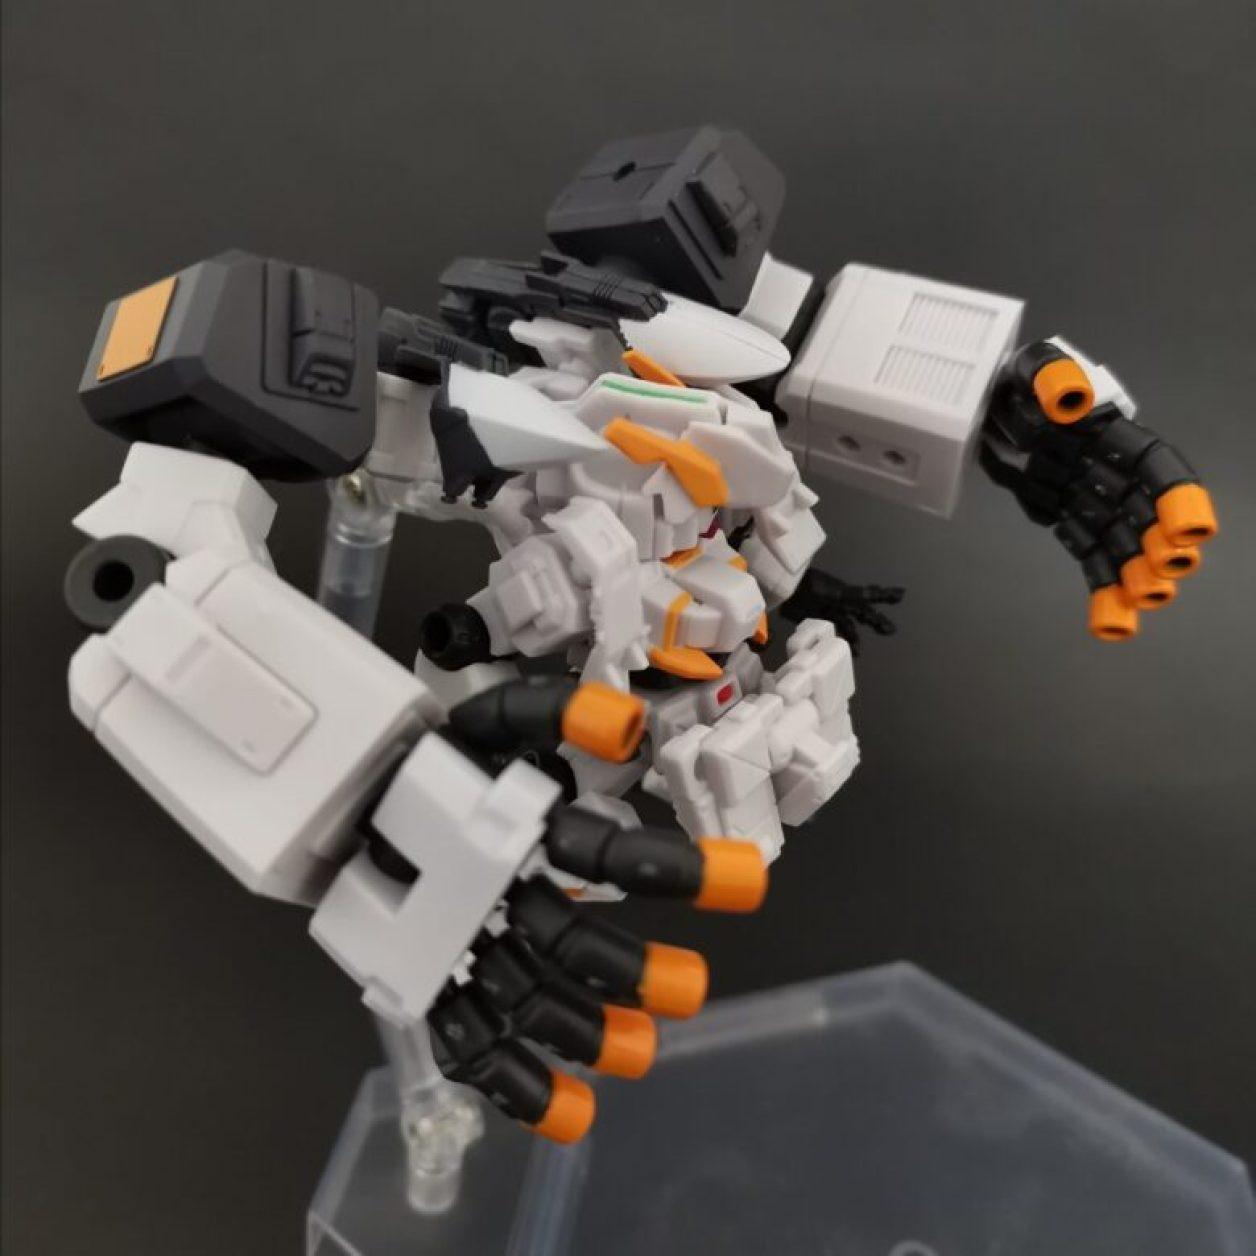 mobile suit ensemble (モビルスーツアンサンブル)ex23弾のガンダムtr-1[ヘイズル·アウスラ](ギガンティックアームユニット装備)をニューフライングベースでディスプレイした画像